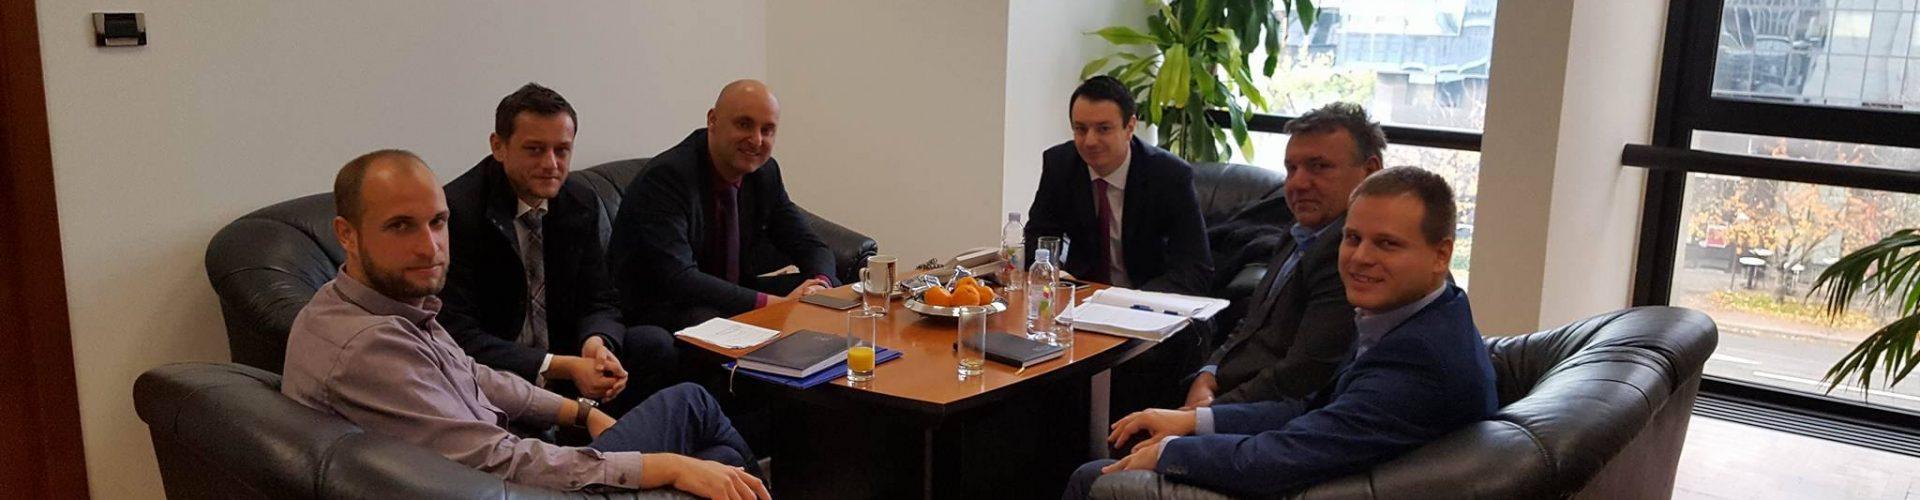 Gradonačelnik Kostanjević kod ministra Tolušića